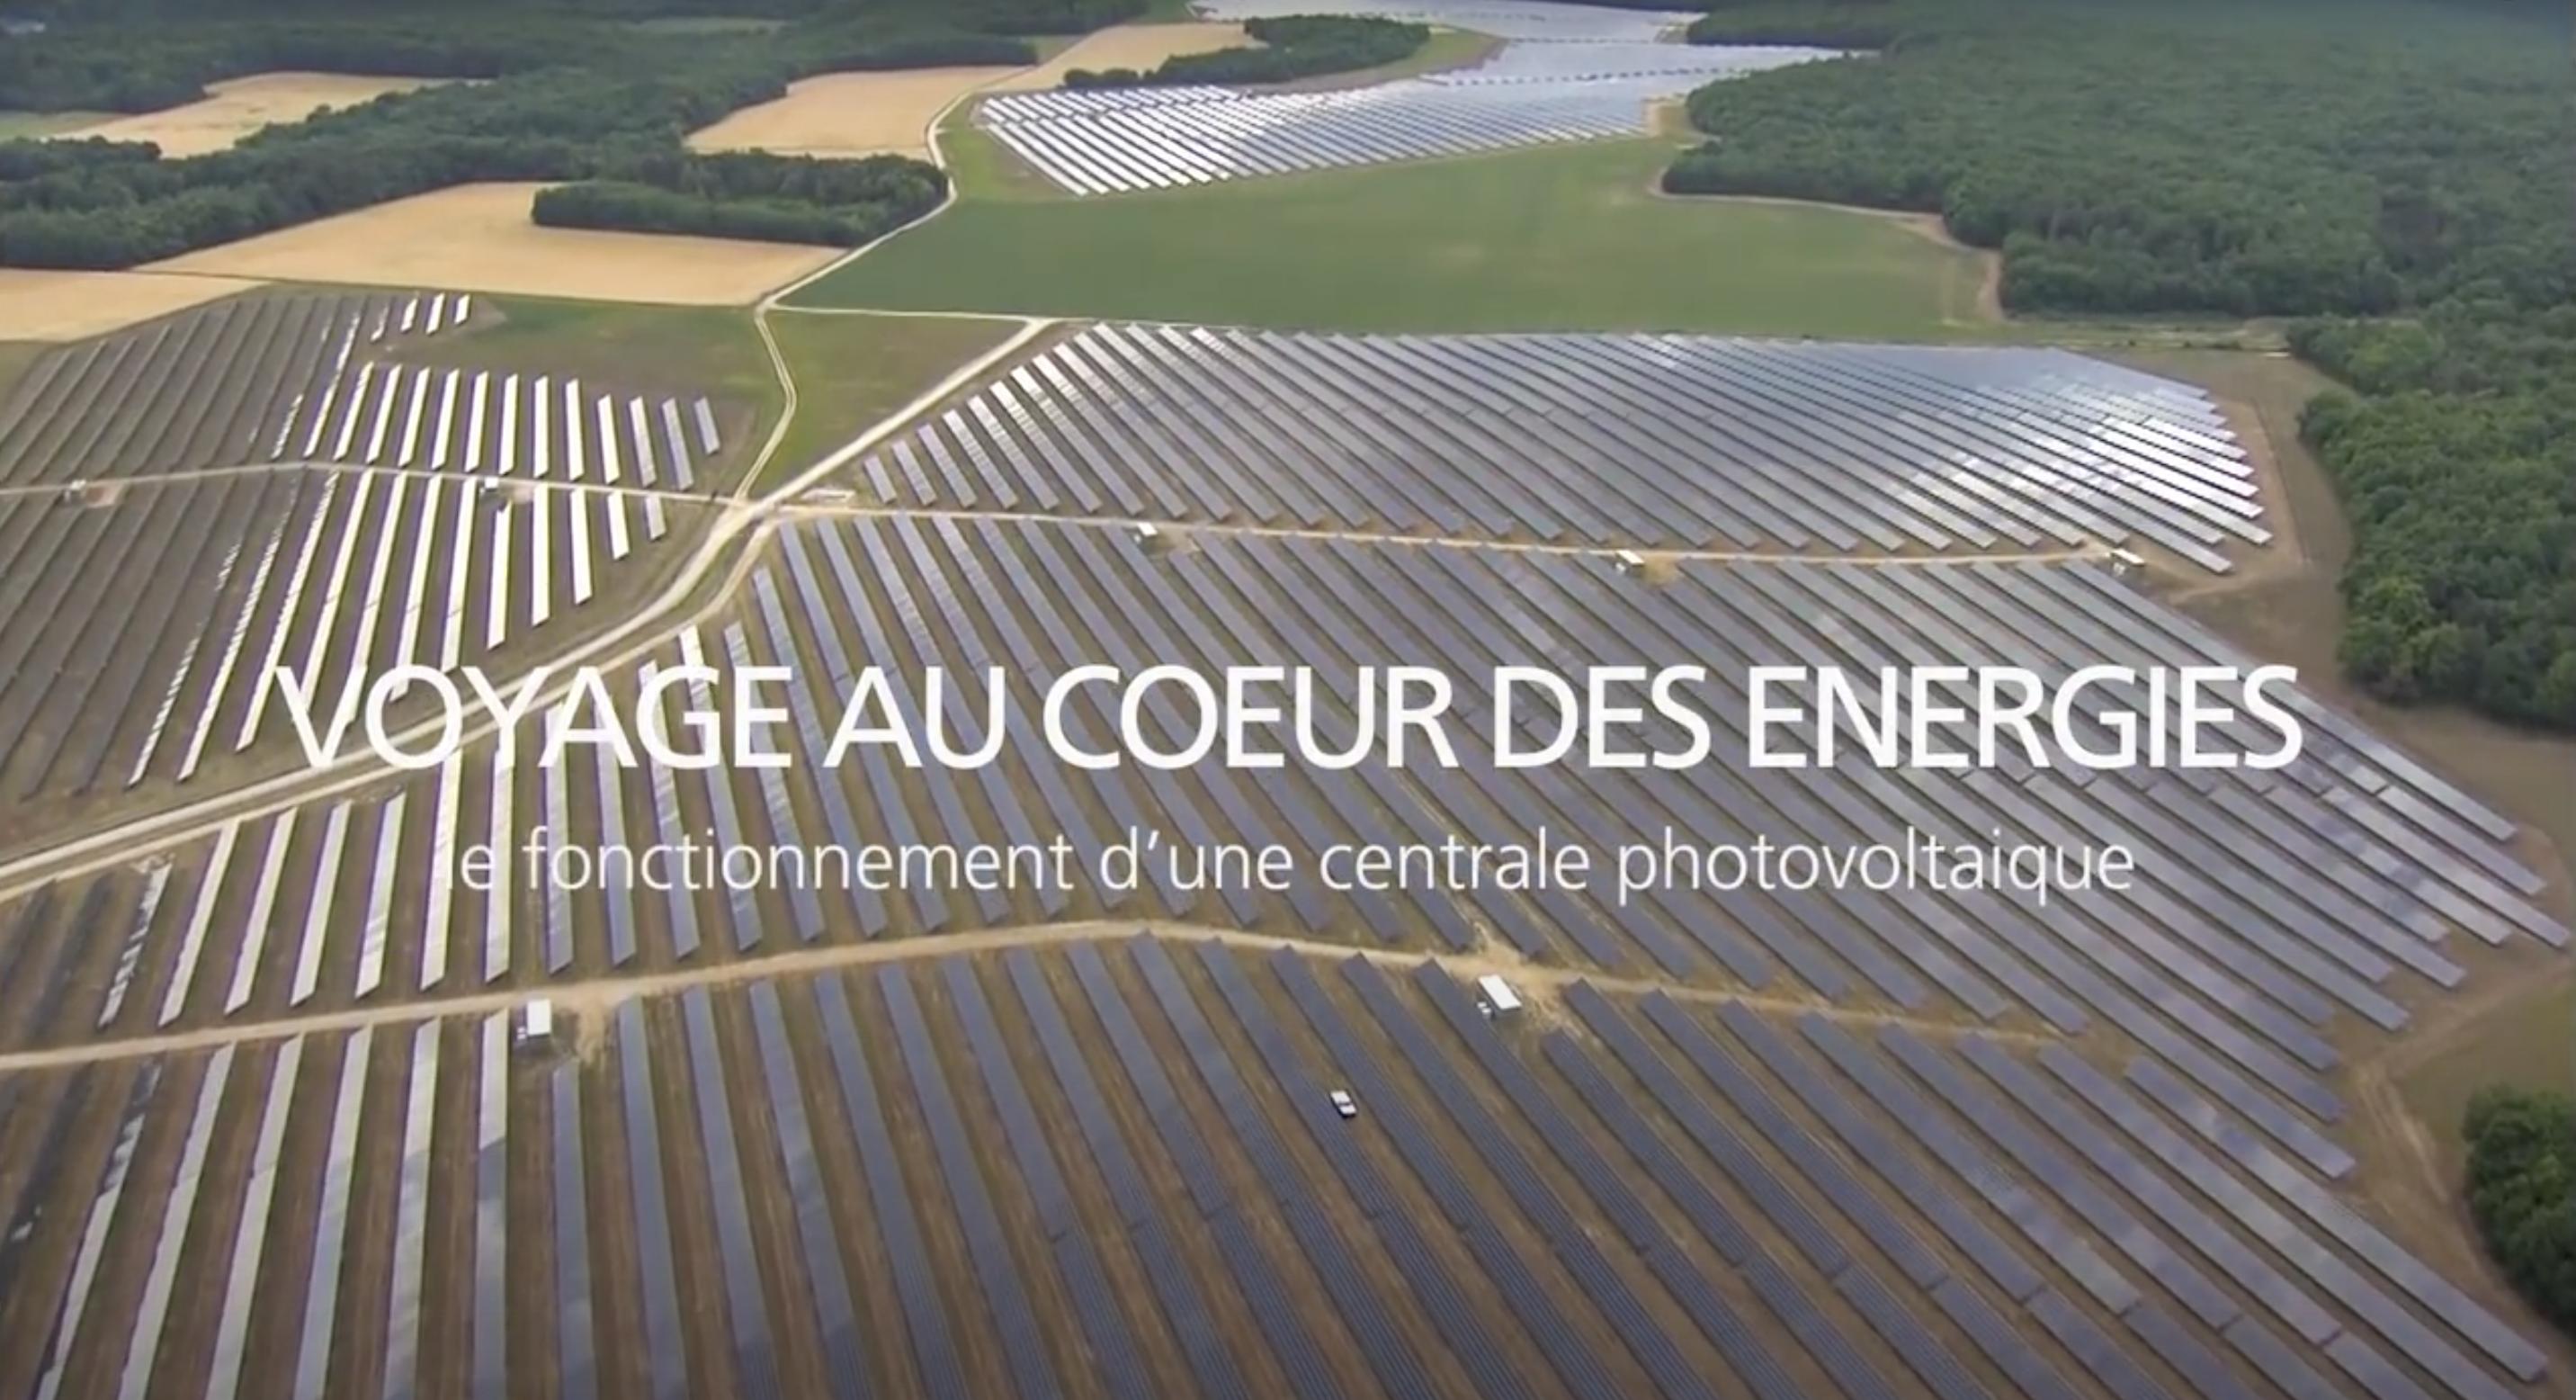 Fonctionnement d'une centrale photovoltaïque (vidéo)